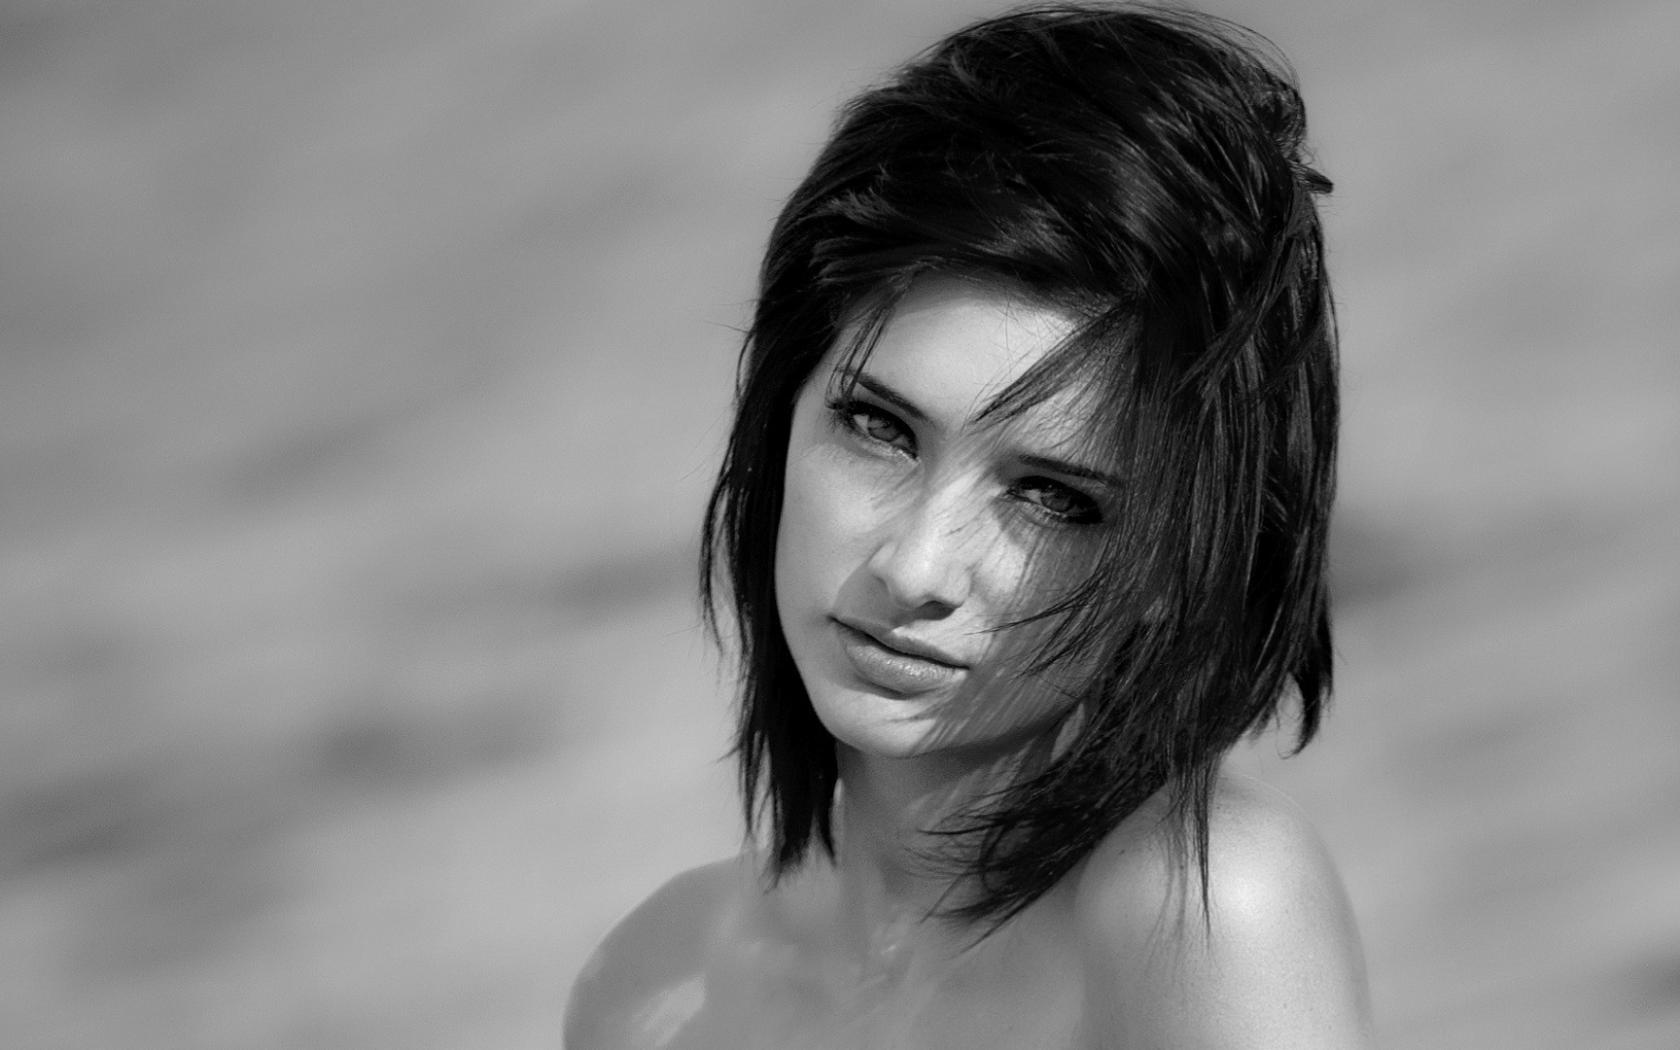 Чёрно белое фото девочек в белье 480/800 18 фотография